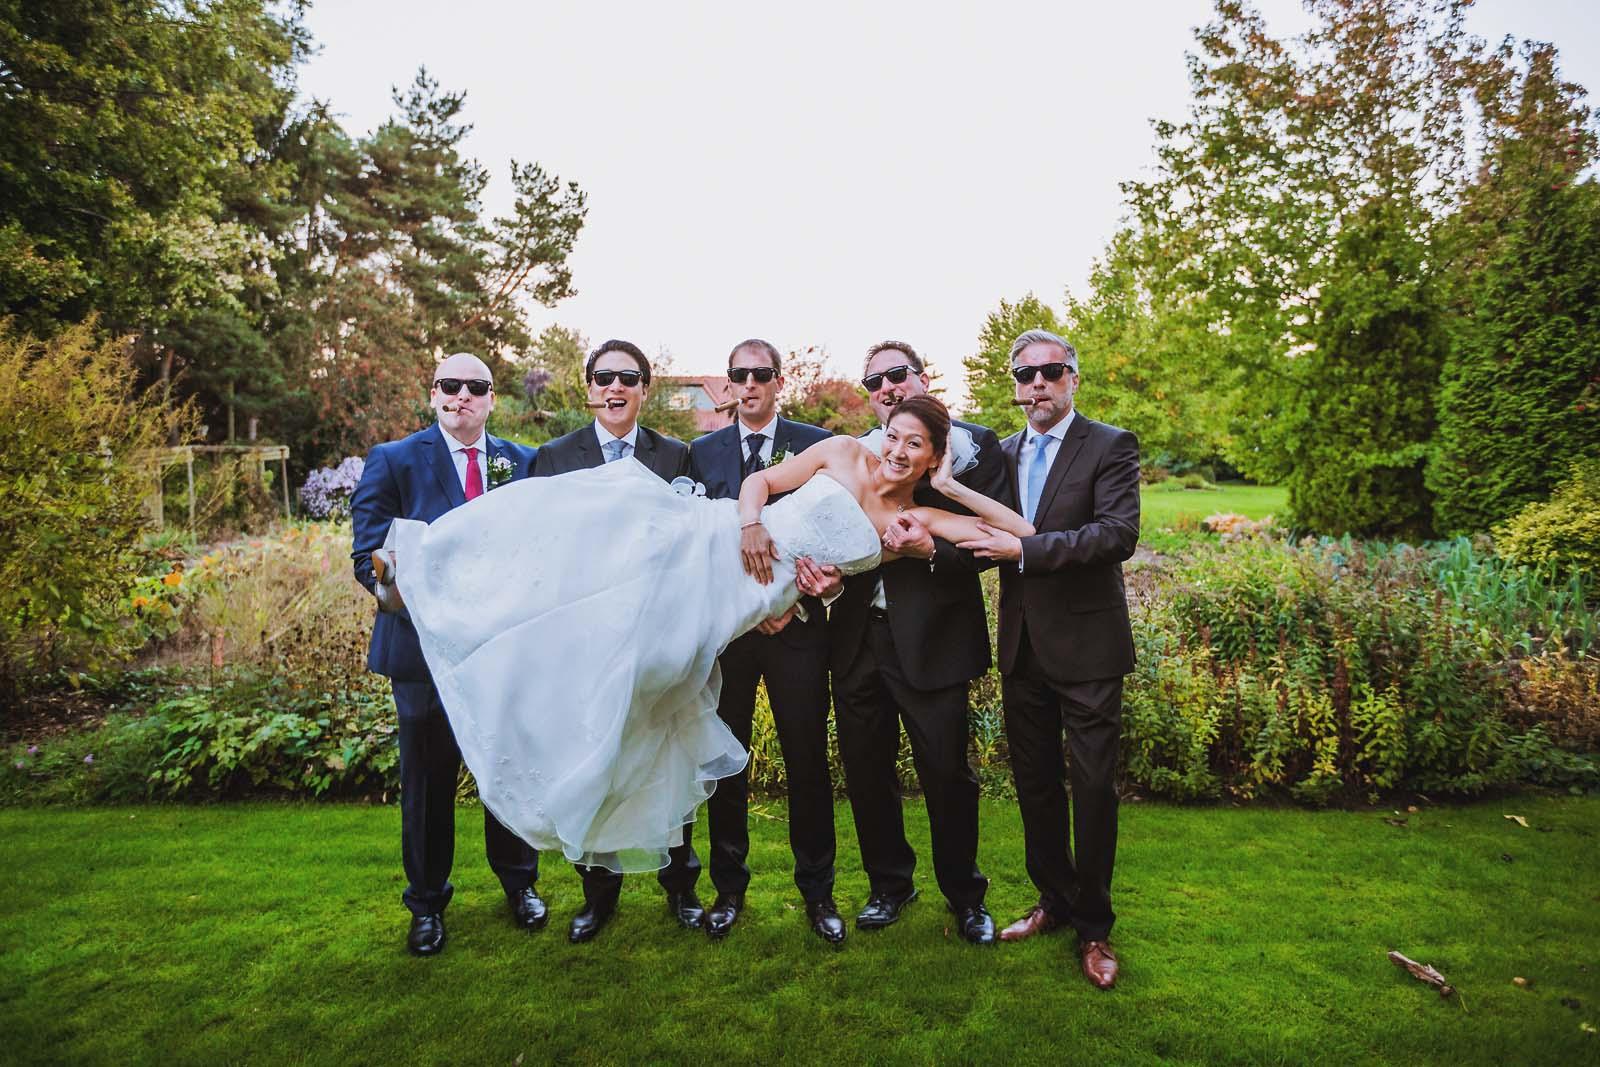 Braut wird auf Haenden getragen auf Gruppenfoto waehrend Hochzeit Copyright by Hochzeitsfotograf www.berliner-hochzeitsfotografie.de